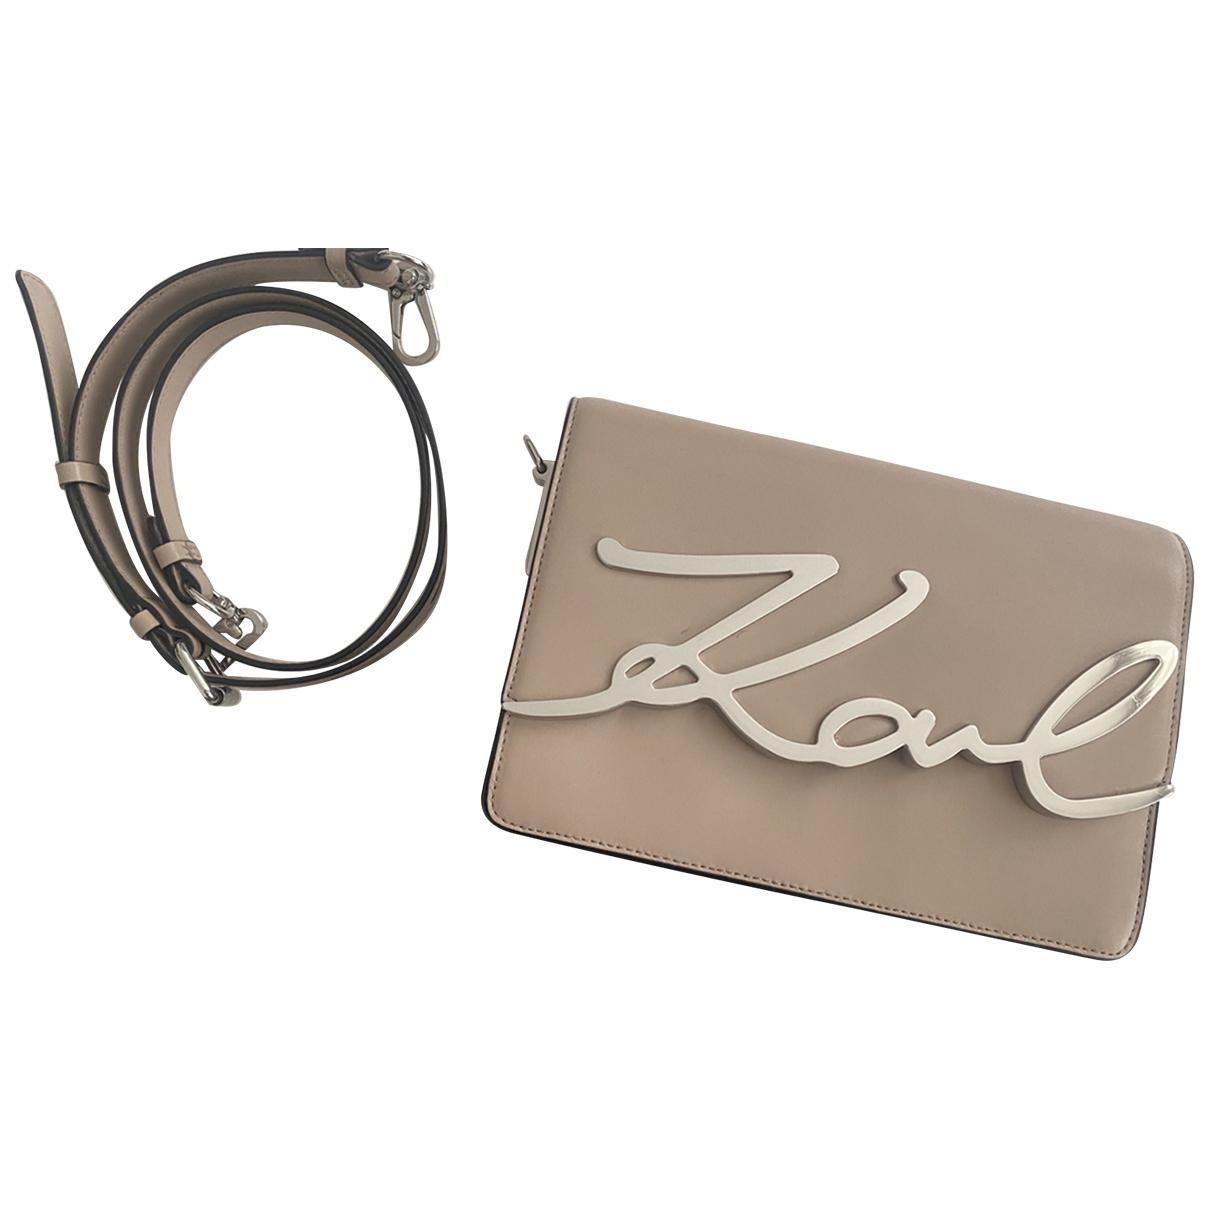 Karl Lagerfeld - Sac a main   pour femme en cuir - rose